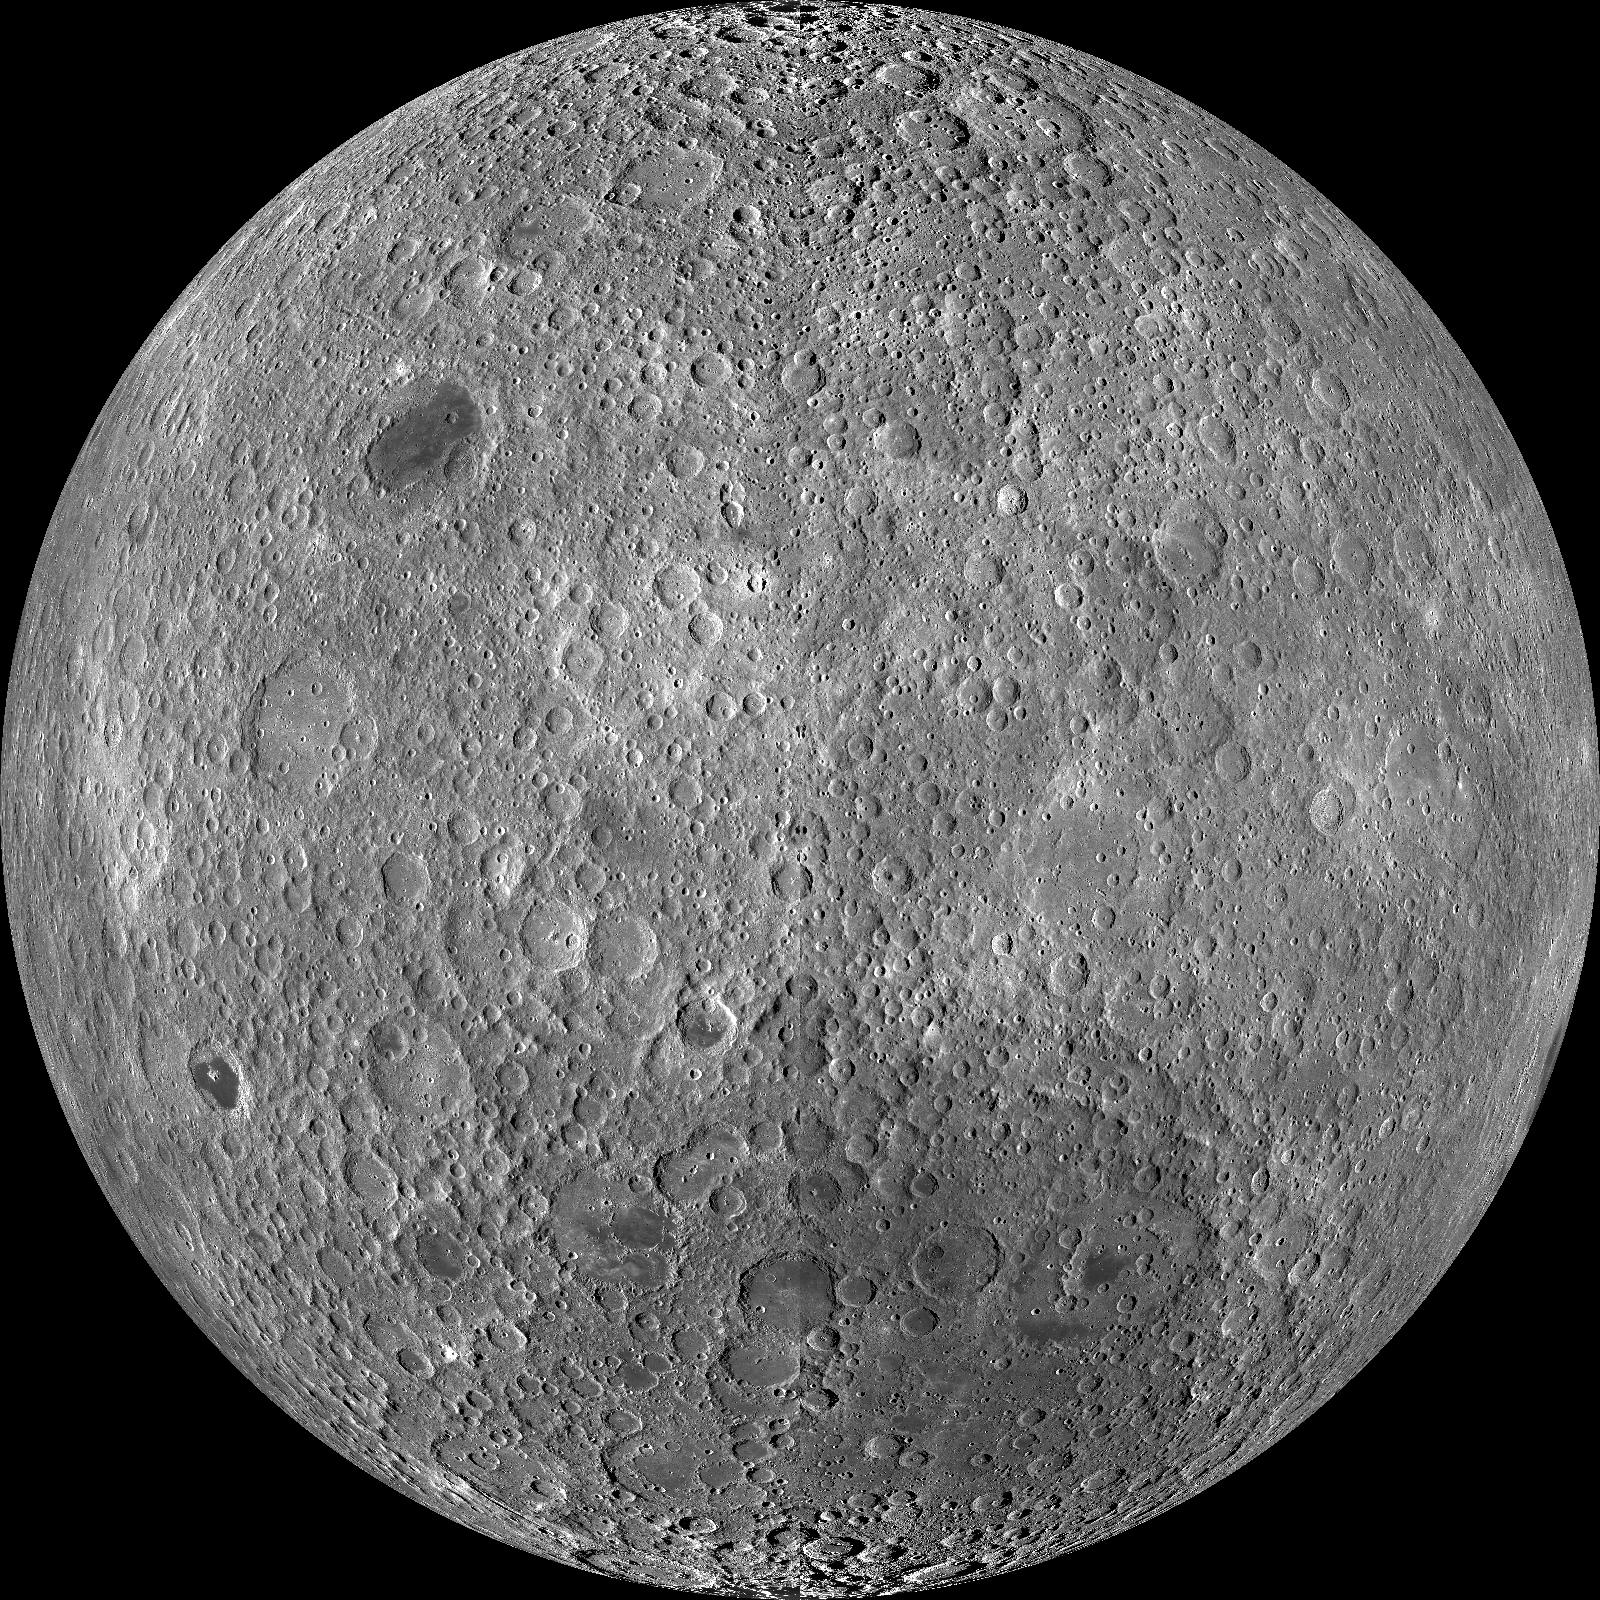 lune face cachee Histoire photographique de la Lune